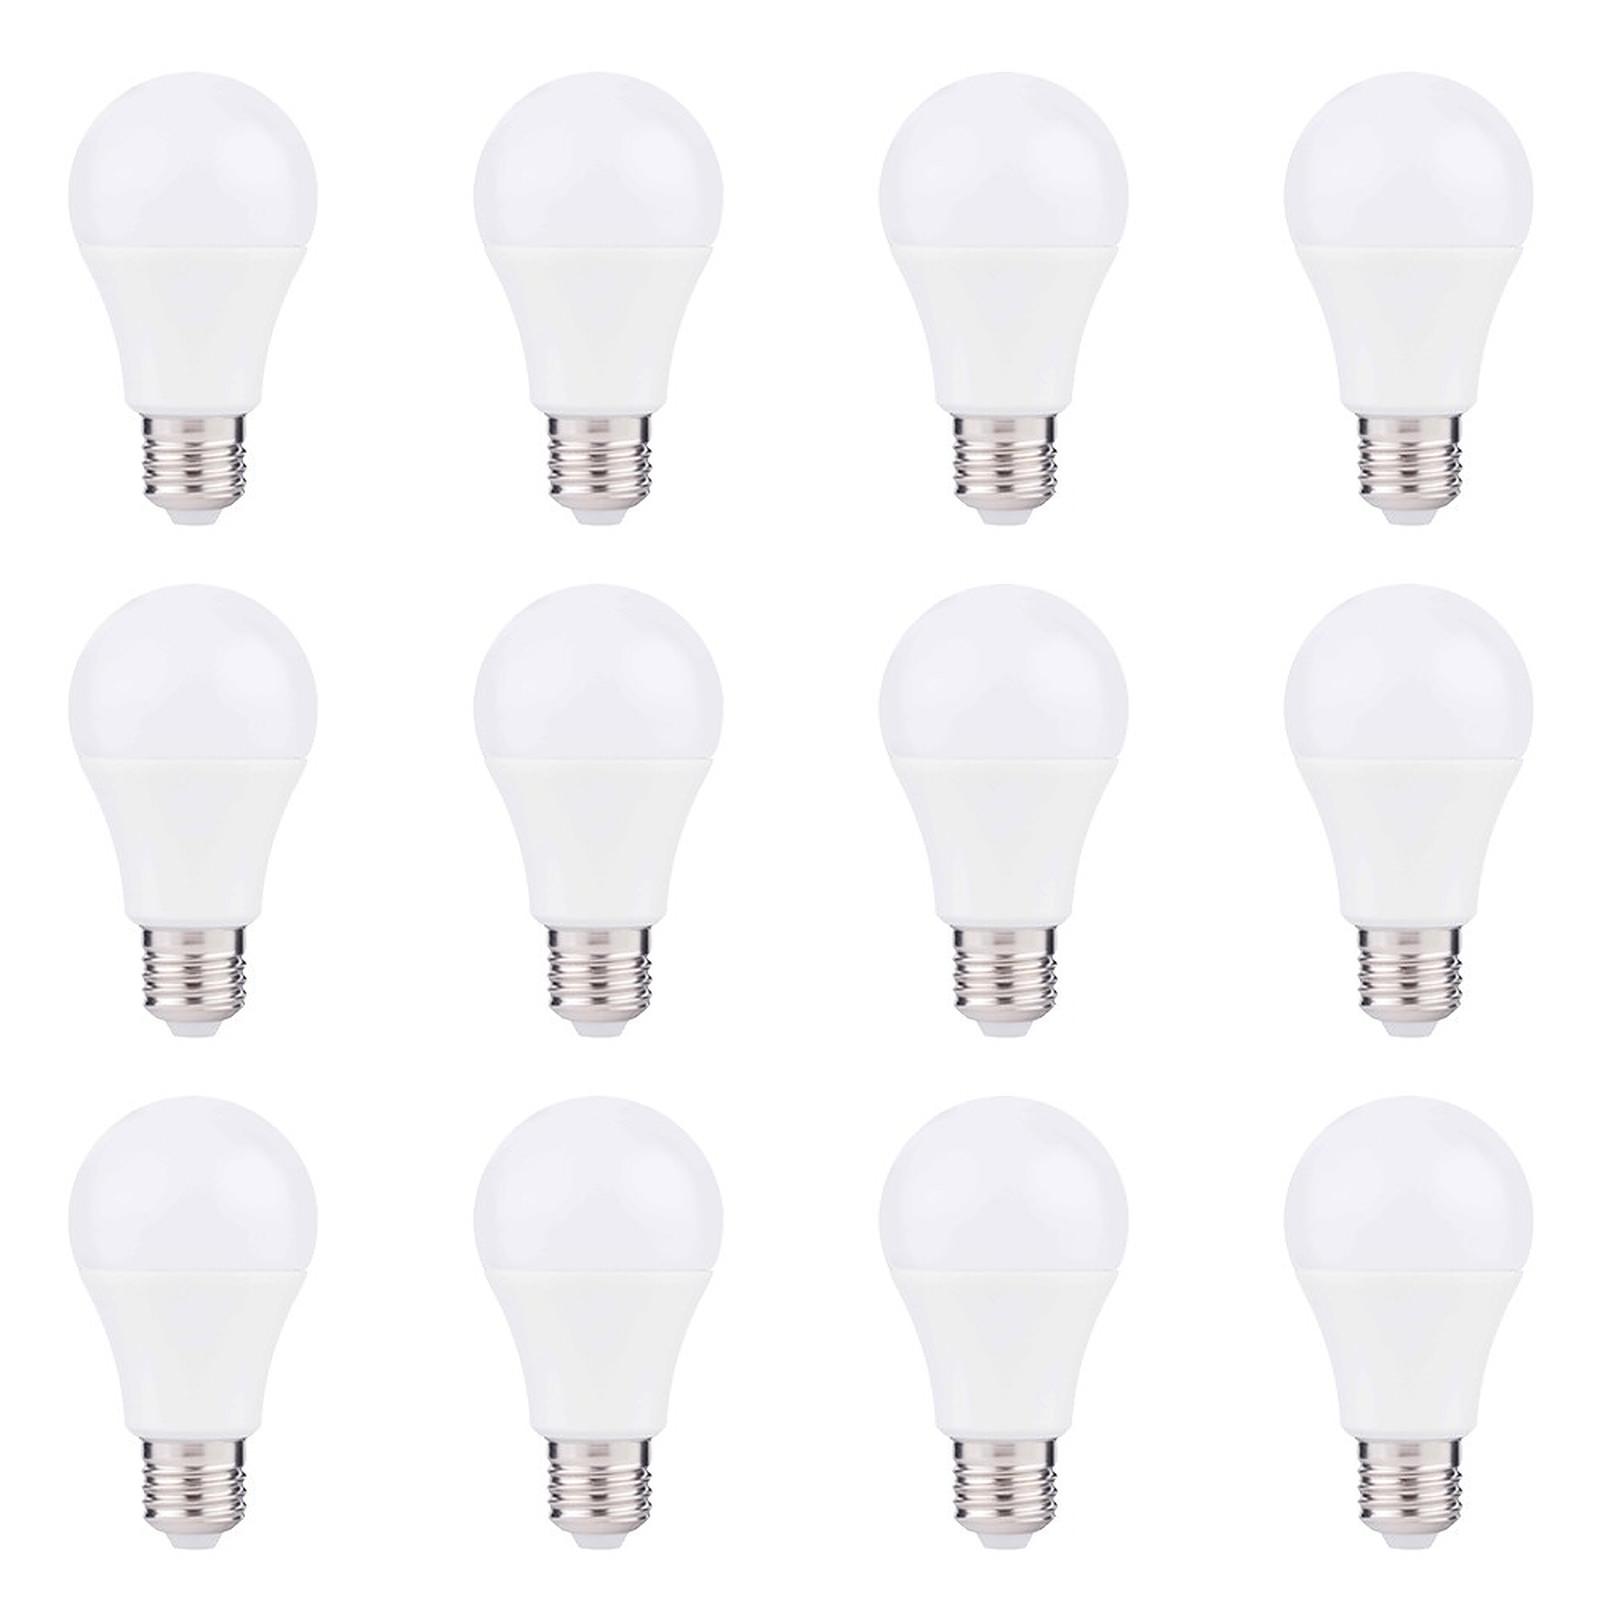 FamilyLed Lot De 12 Ampoules Led 10w Blanc Naturel FAM_LOT12_A60104A